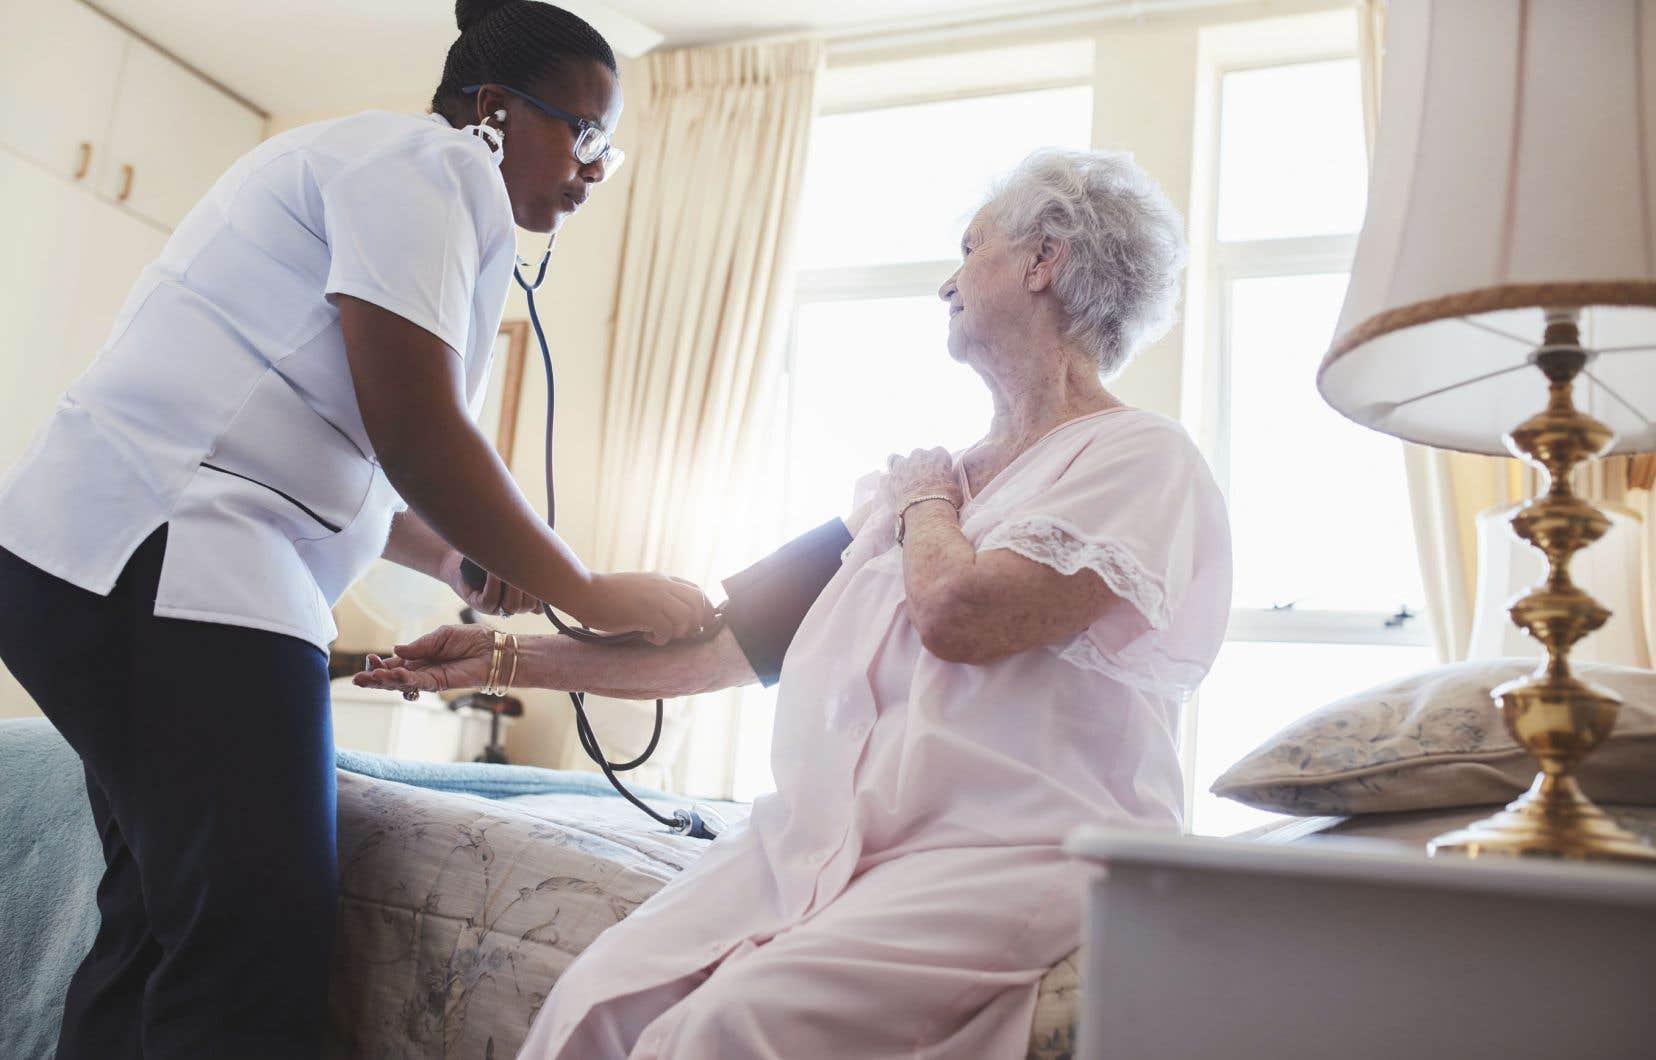 Une loi établissant des ratios minimums entre le nombre de professionnelles en soins et le nombre de patients assurerait demeilleurs services sans surcharger les infirmières, selon la présidente de la FIQ.